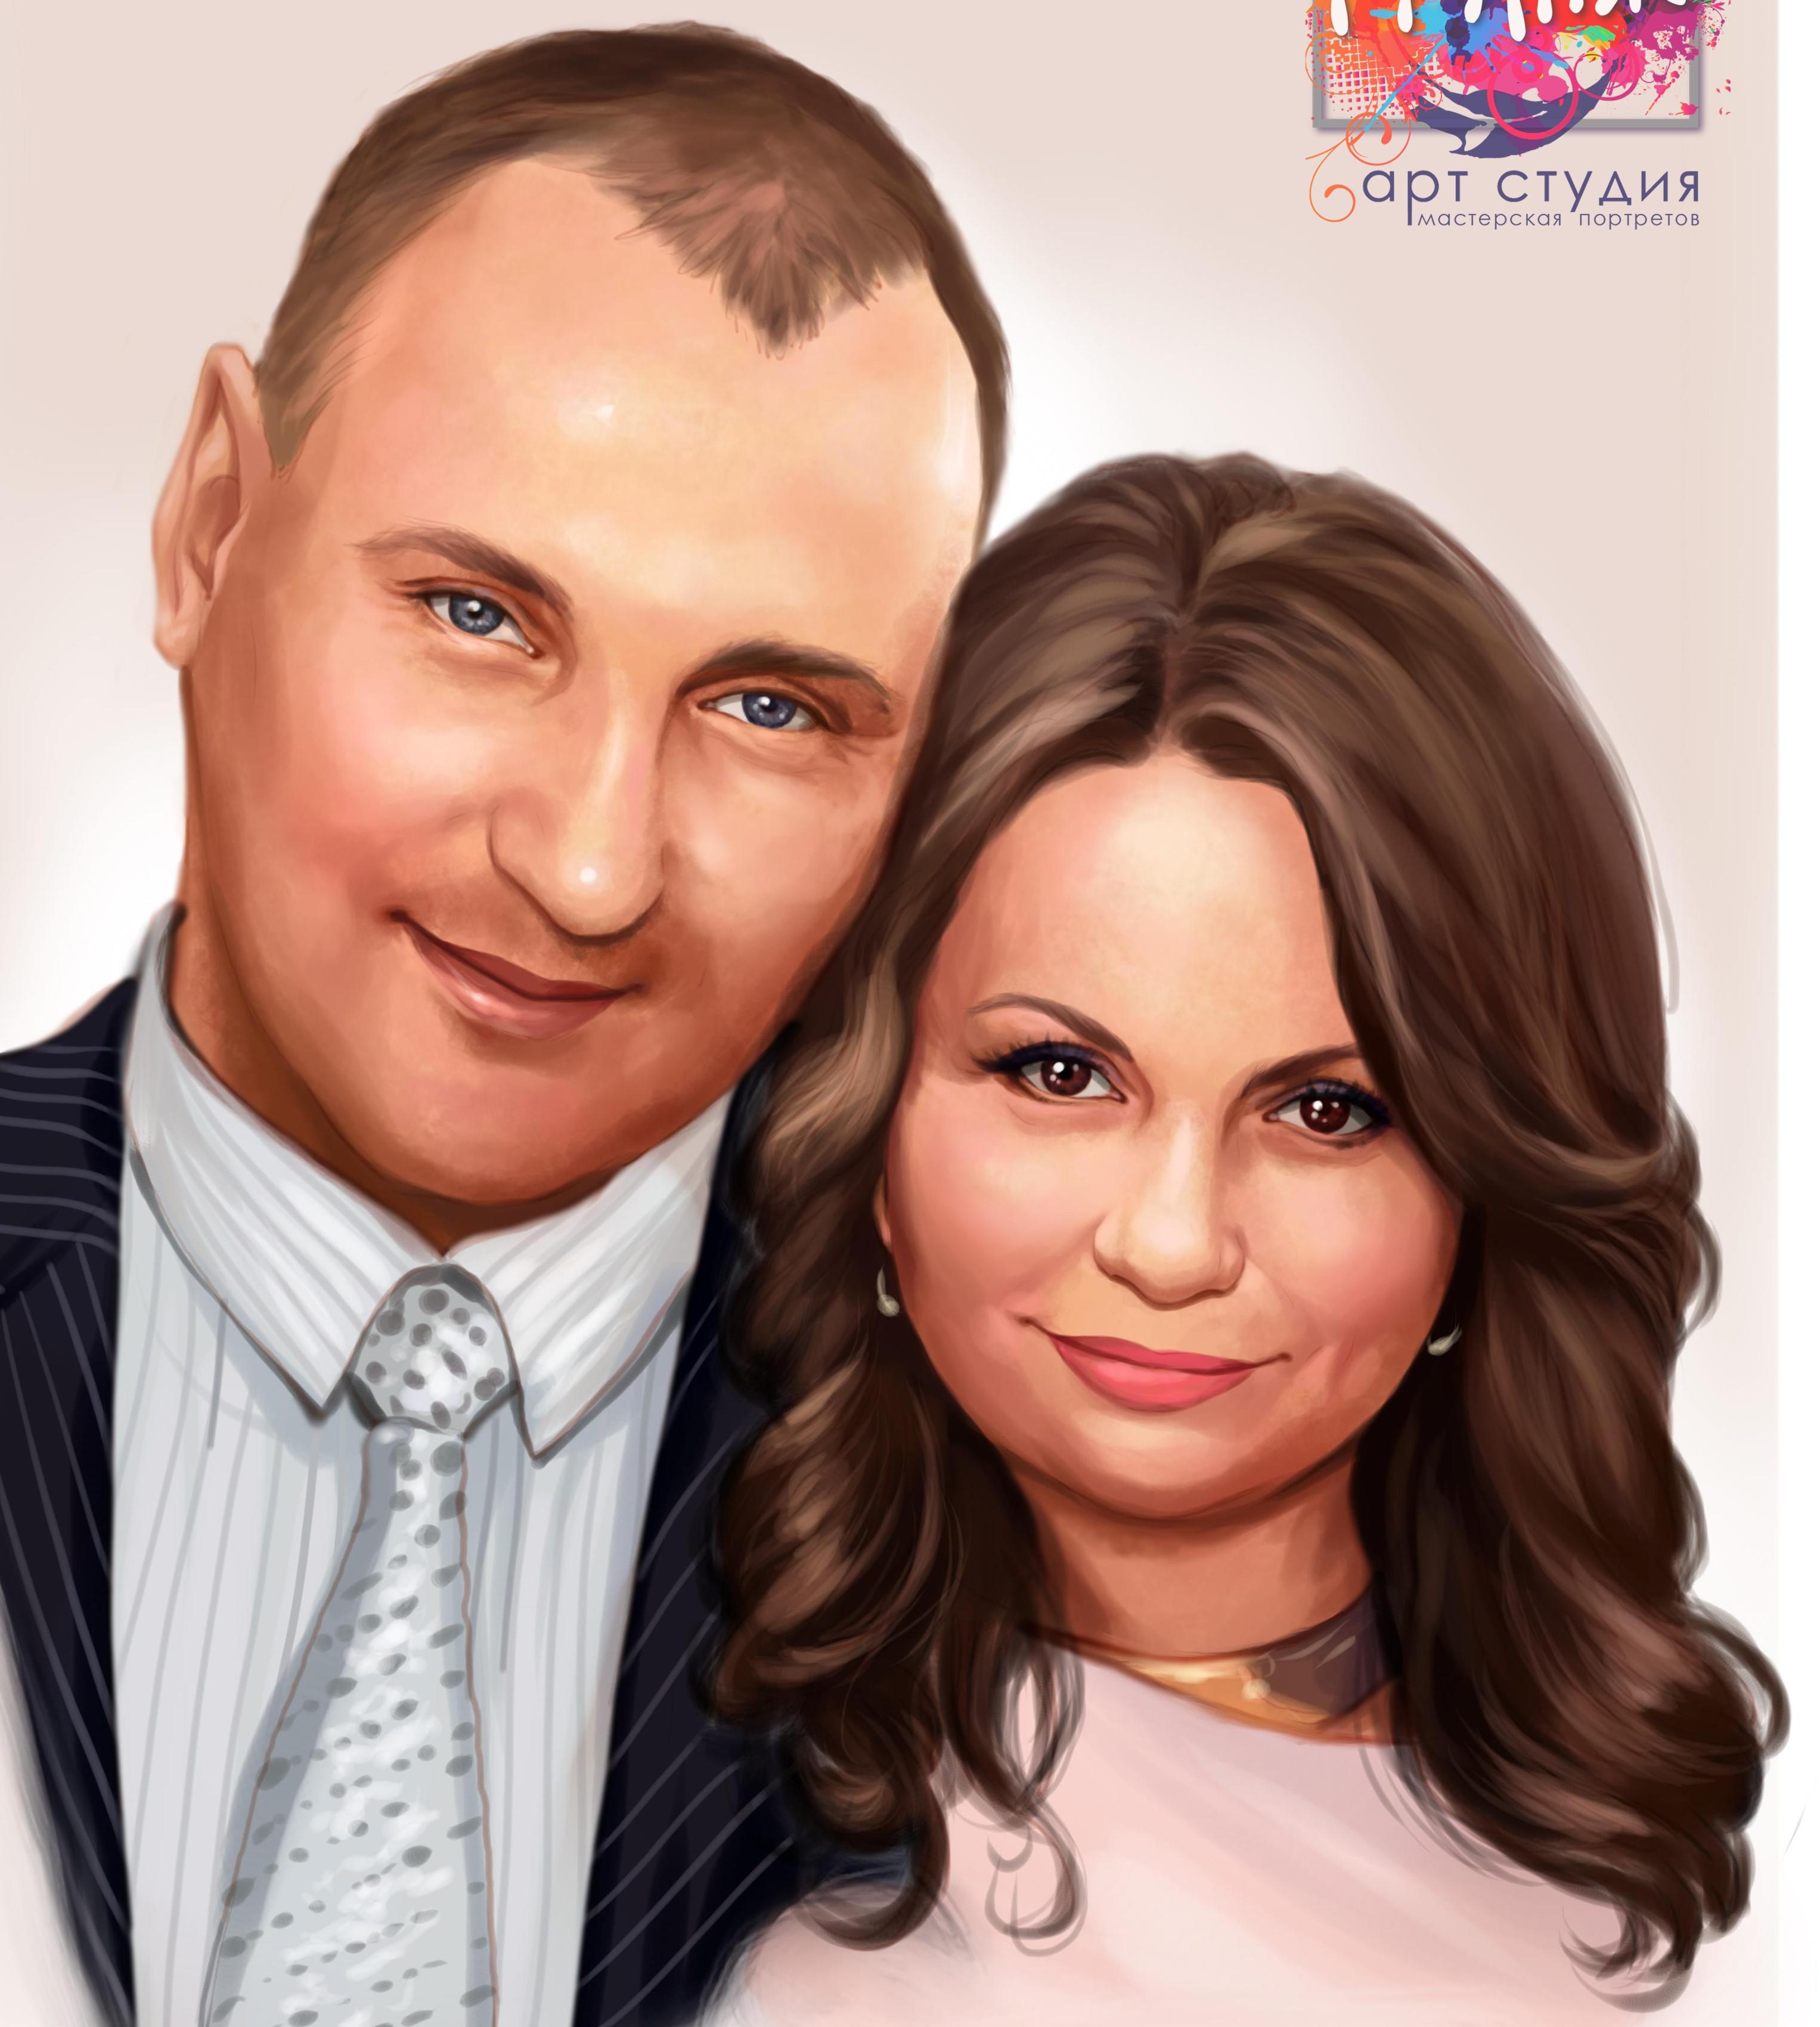 портрет на годовщину свадьбы